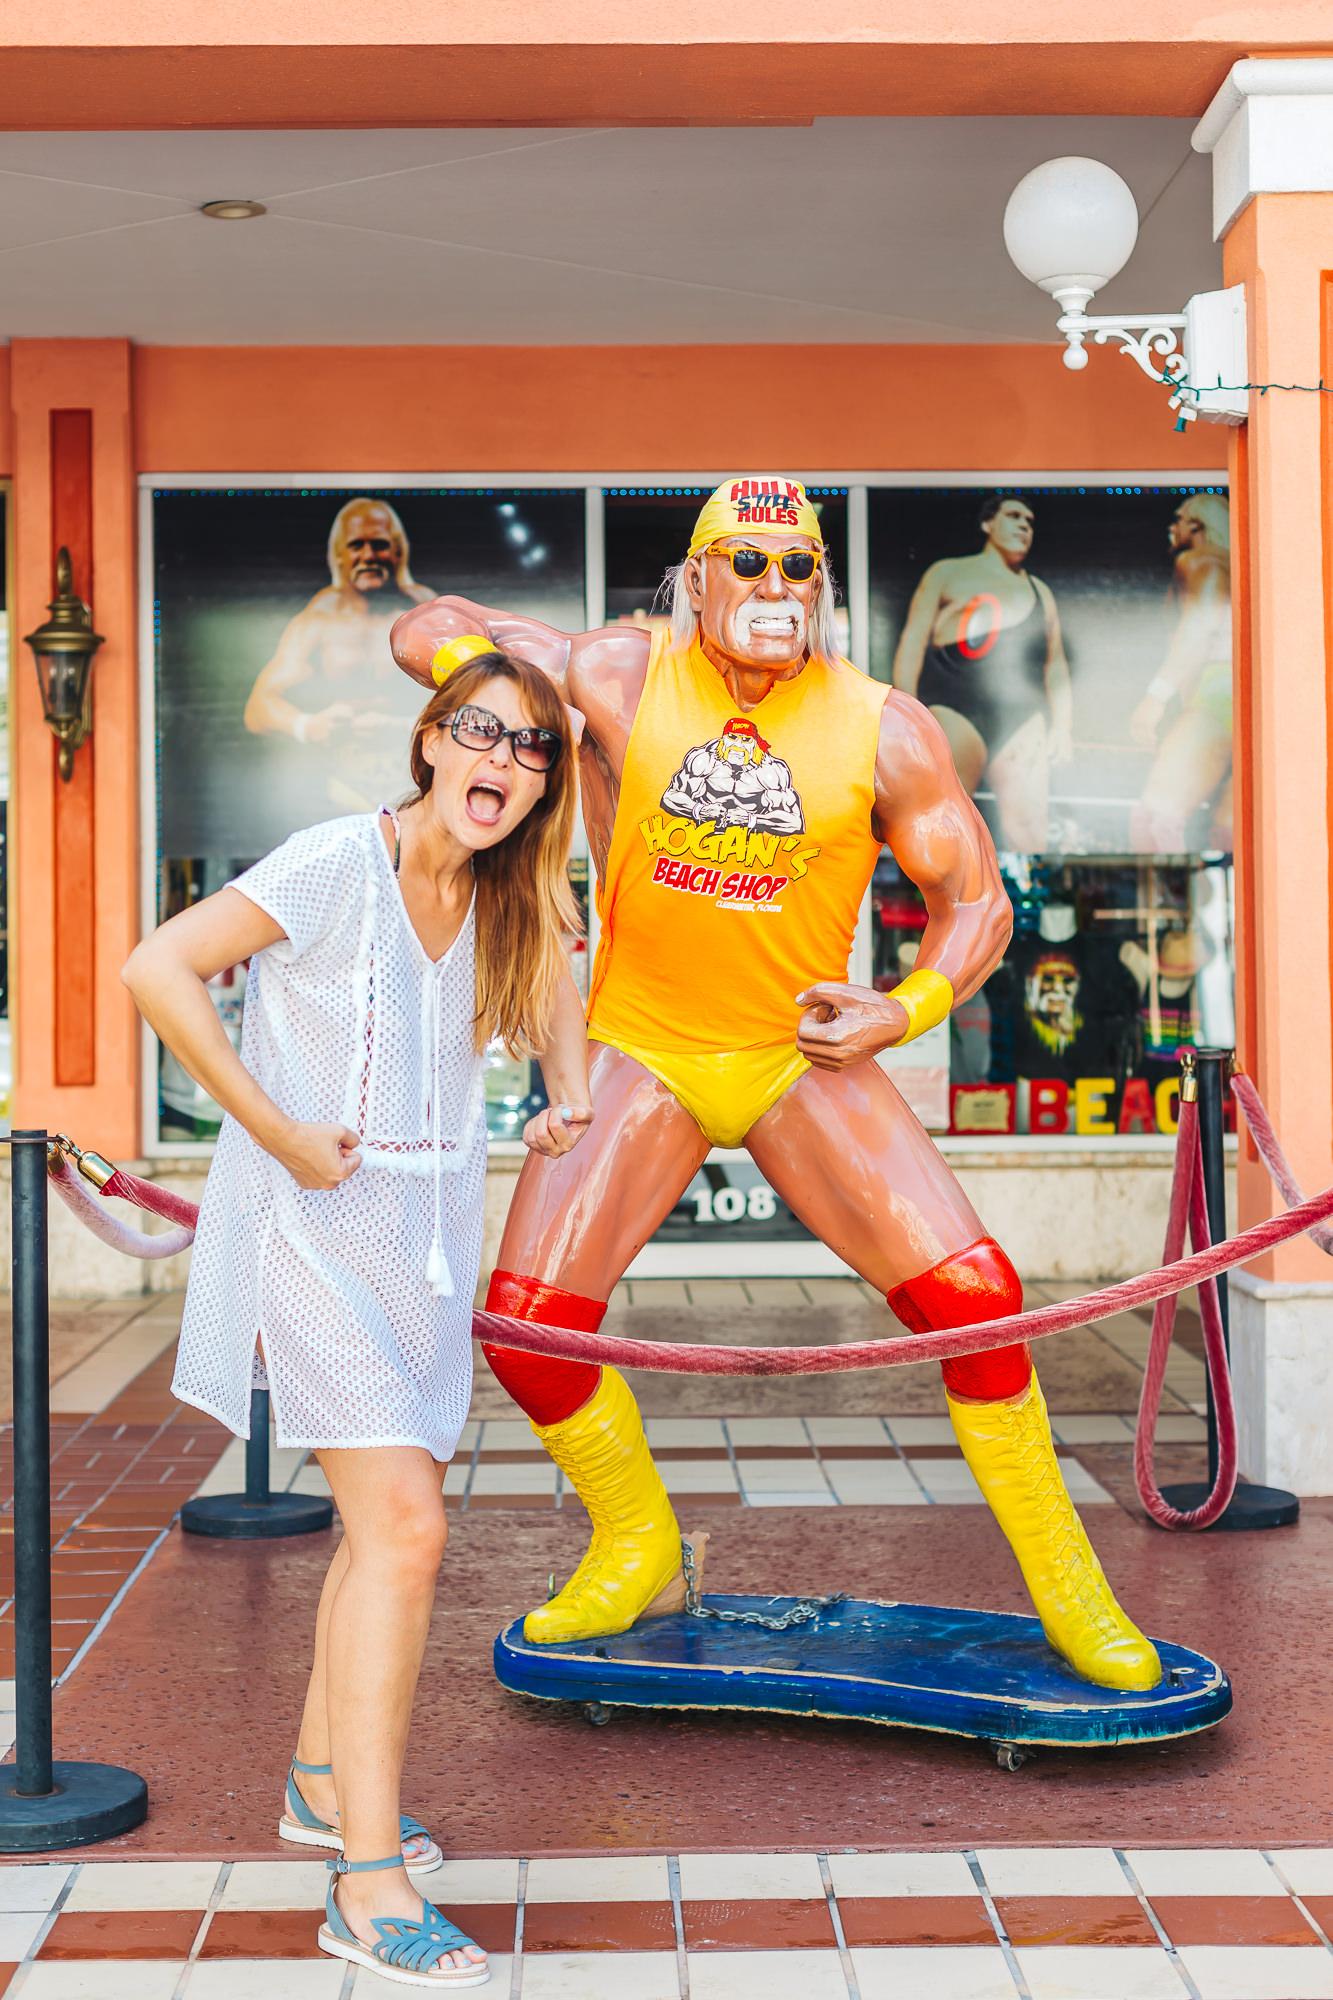 Hulk it out with Hulk Hogan!